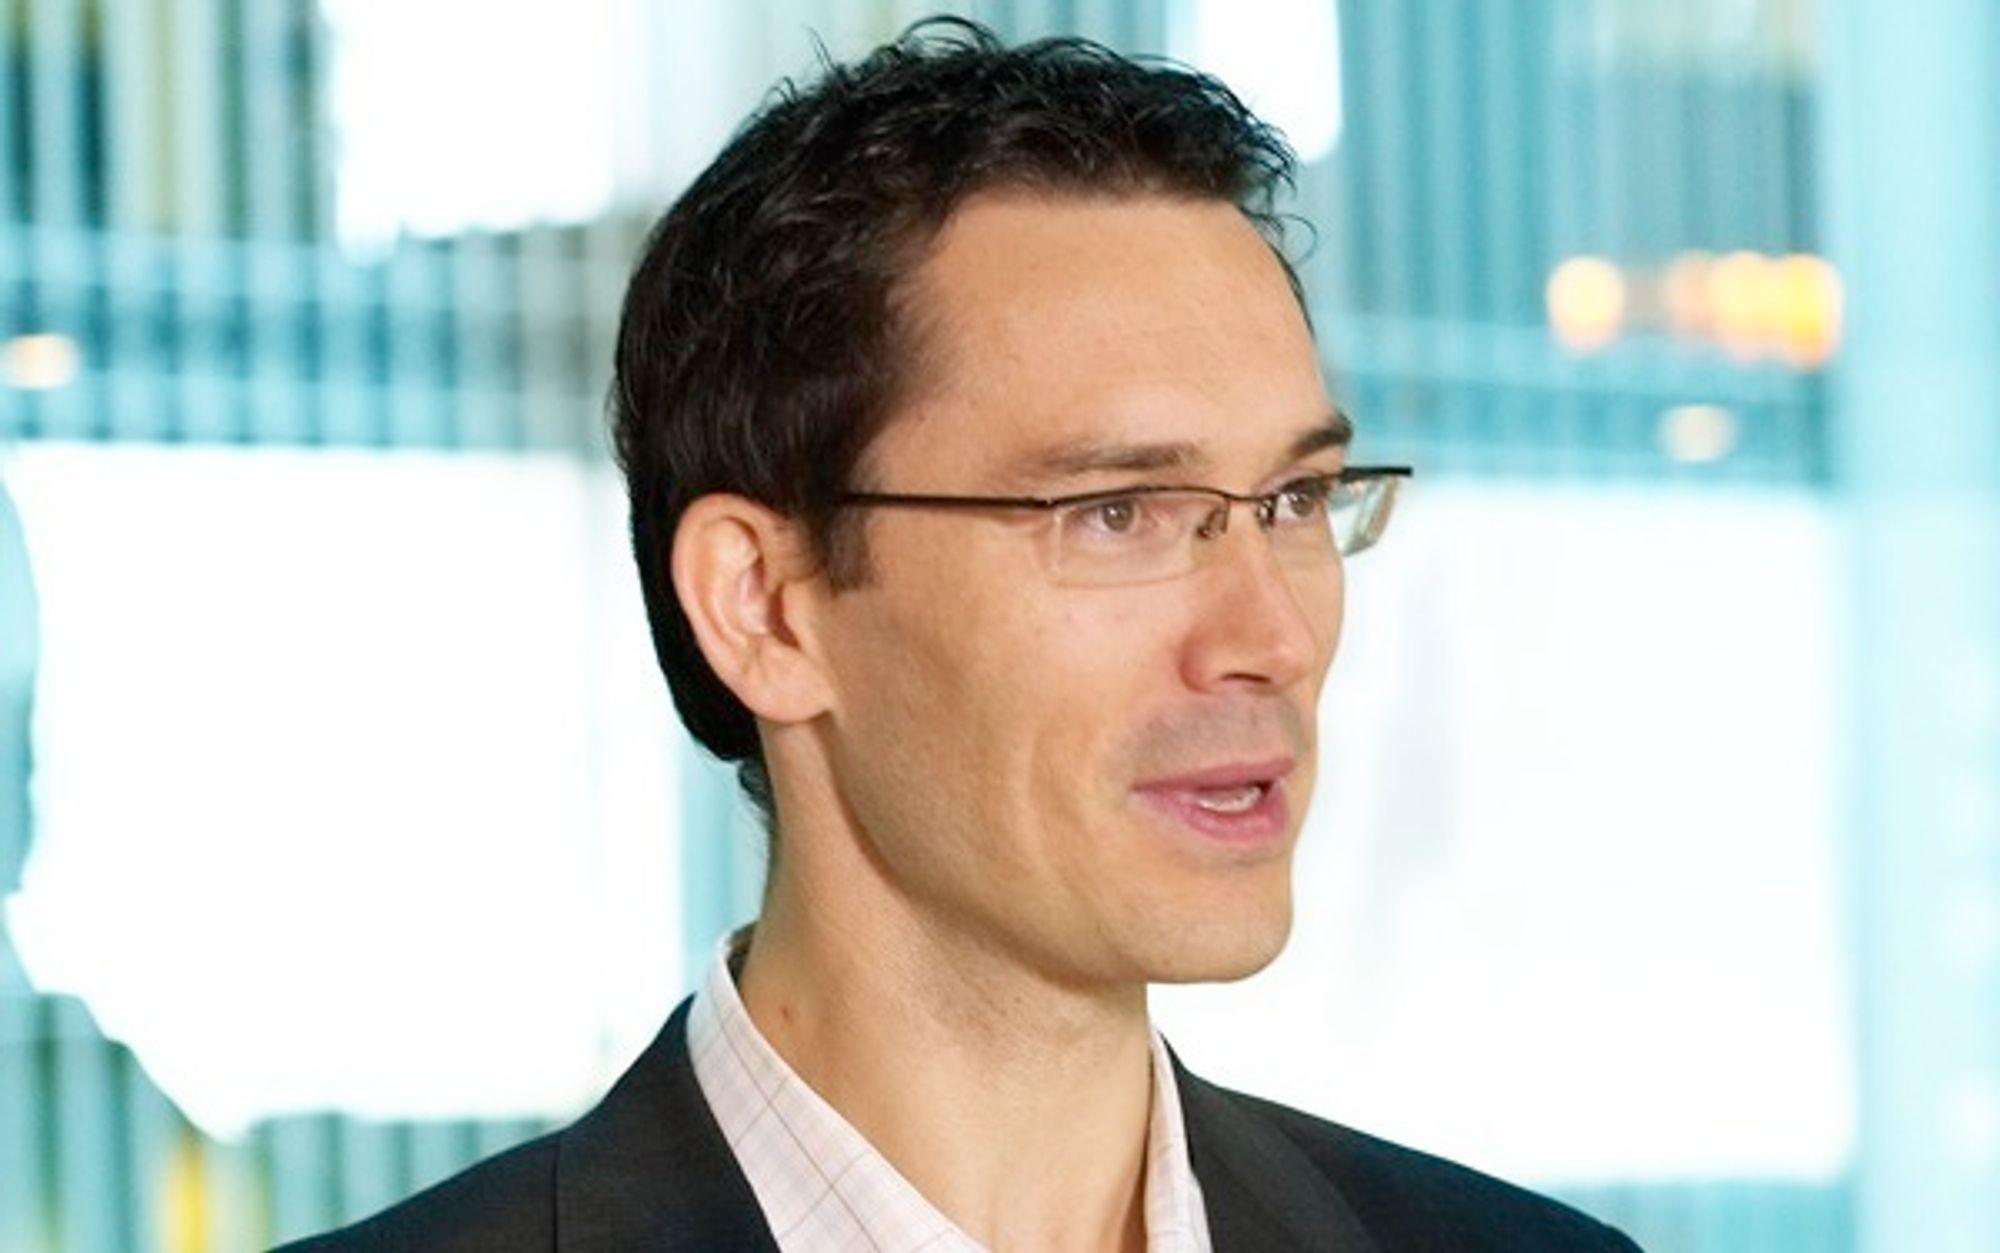 Knoppskyting. Teknologiutviklingsdirektør Petter Merok i Microsoft Norge lanserer et gründerproram som skal få norsk programutvikling raskere ut i markedet.